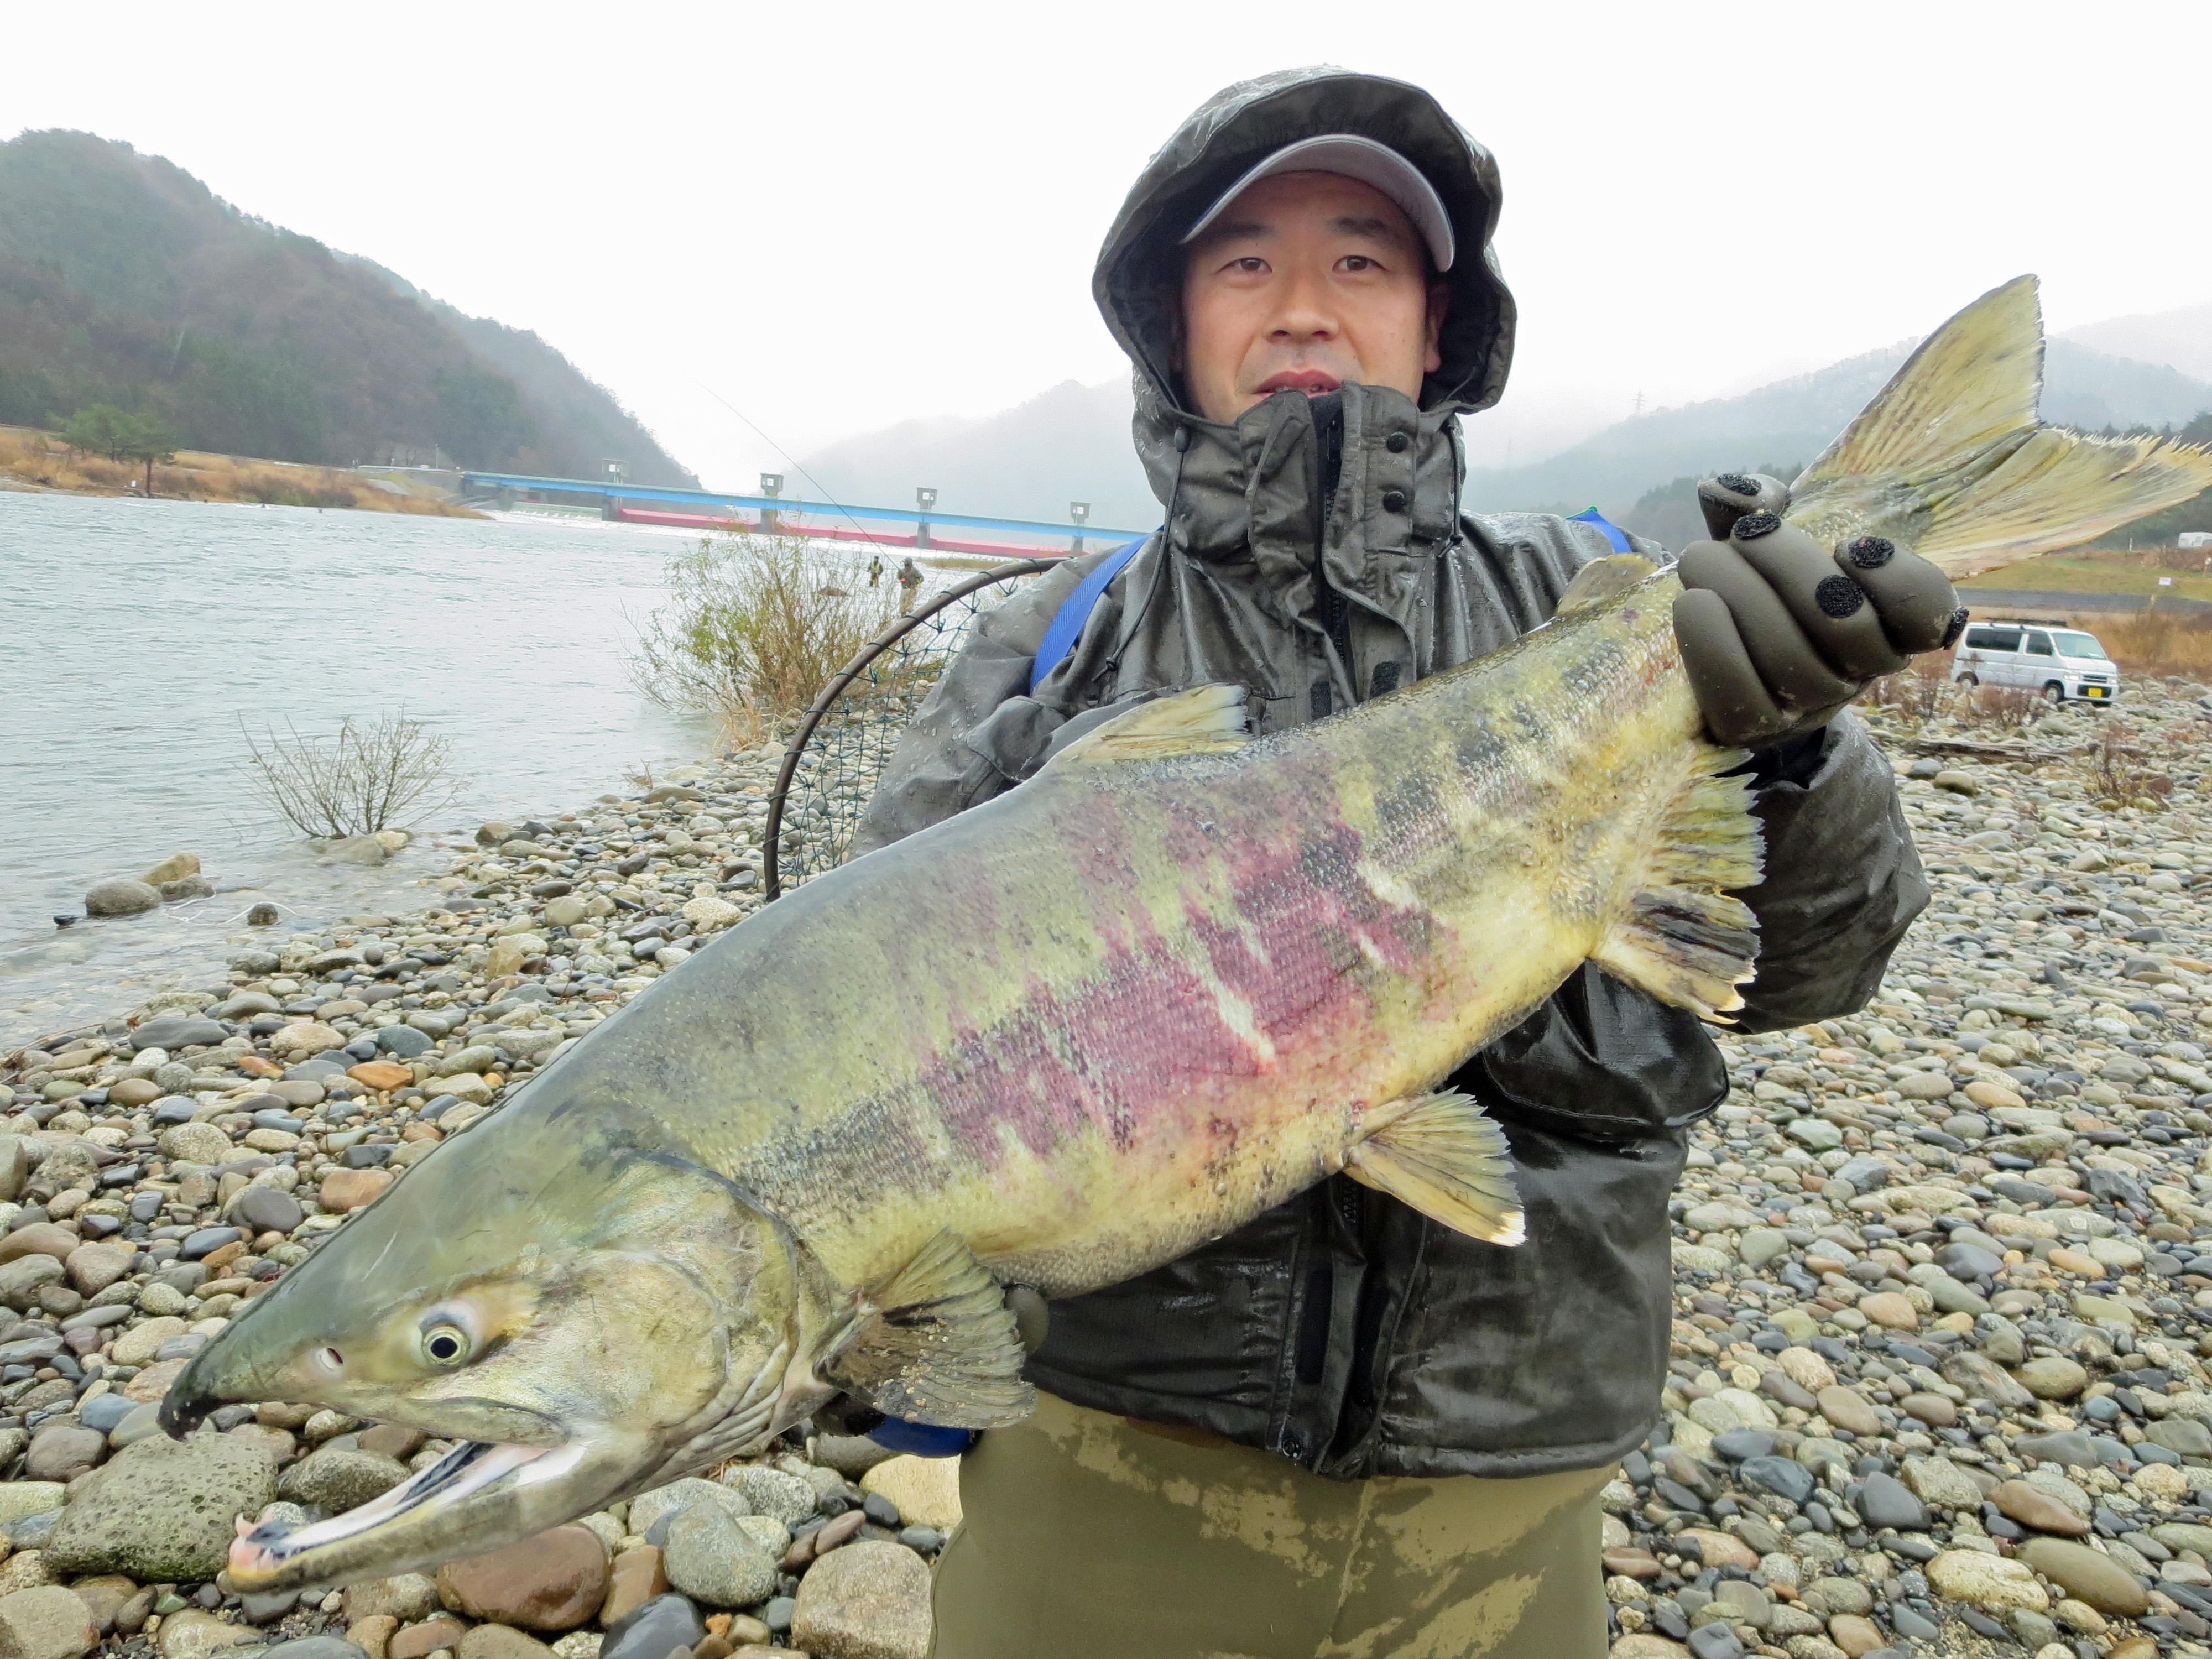 2013荒川鮭釣り 12月20日 最終日 村上市観光